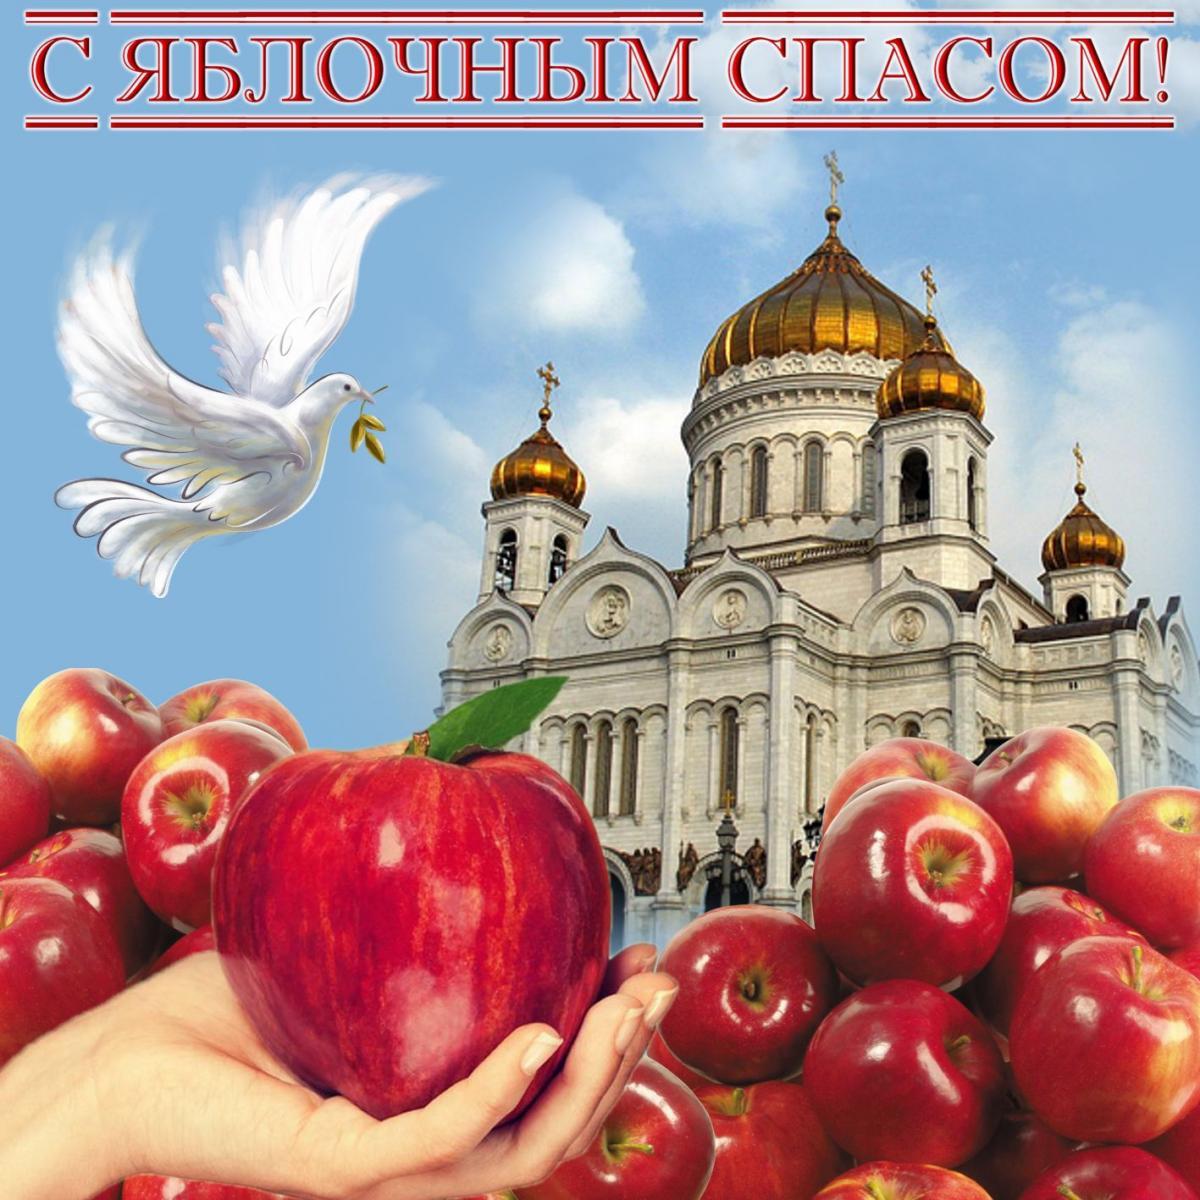 красивые картинки с яблочным спасом представляет собой совмещение